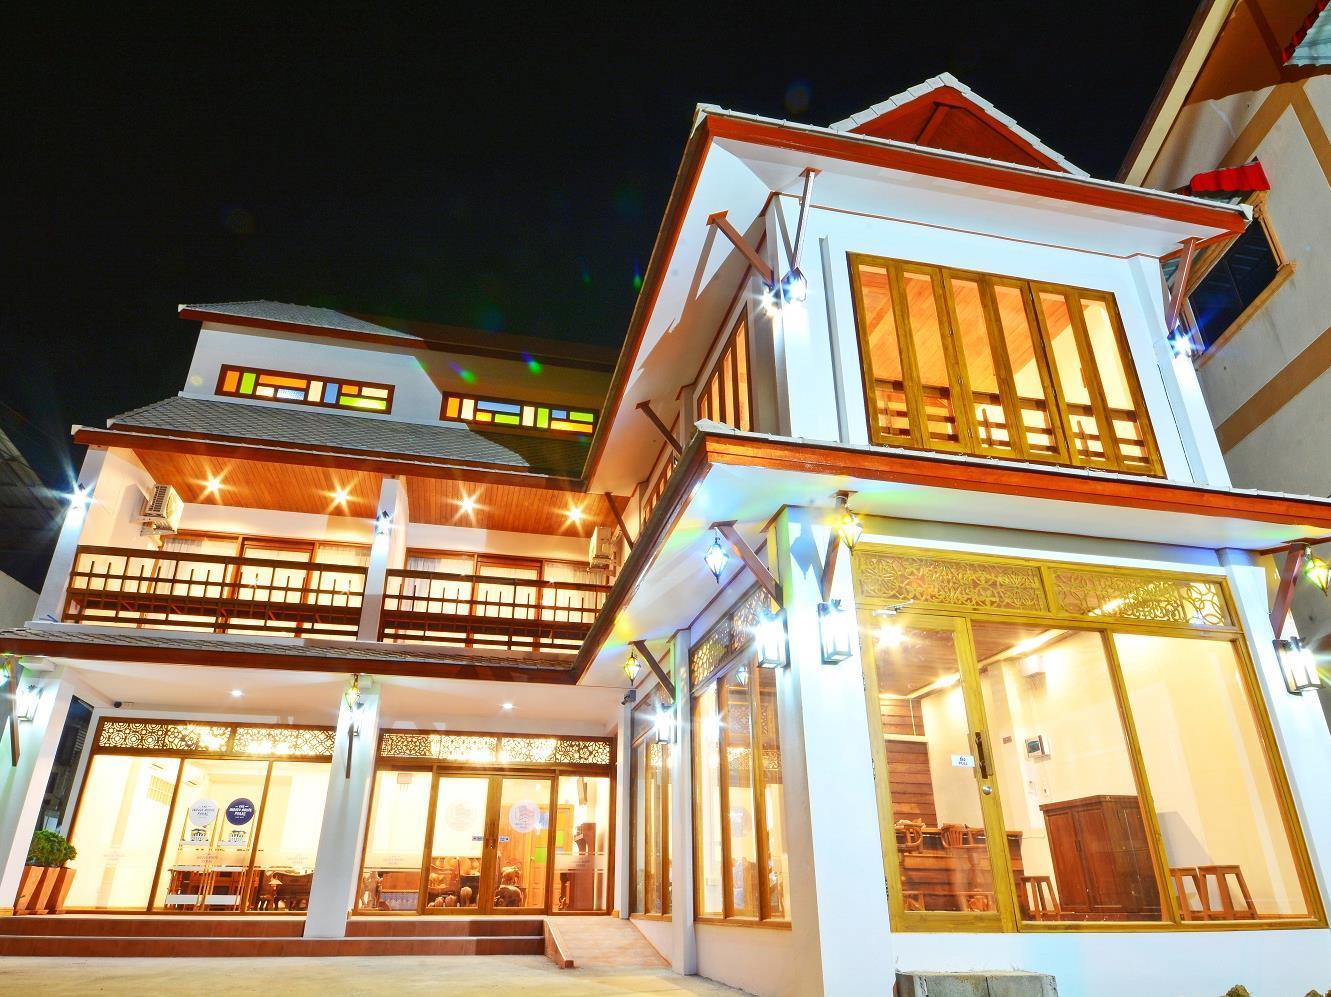 英迪格旅馆-帕府,ดิ อินดิโก้ เฮ้าส์ แพร่